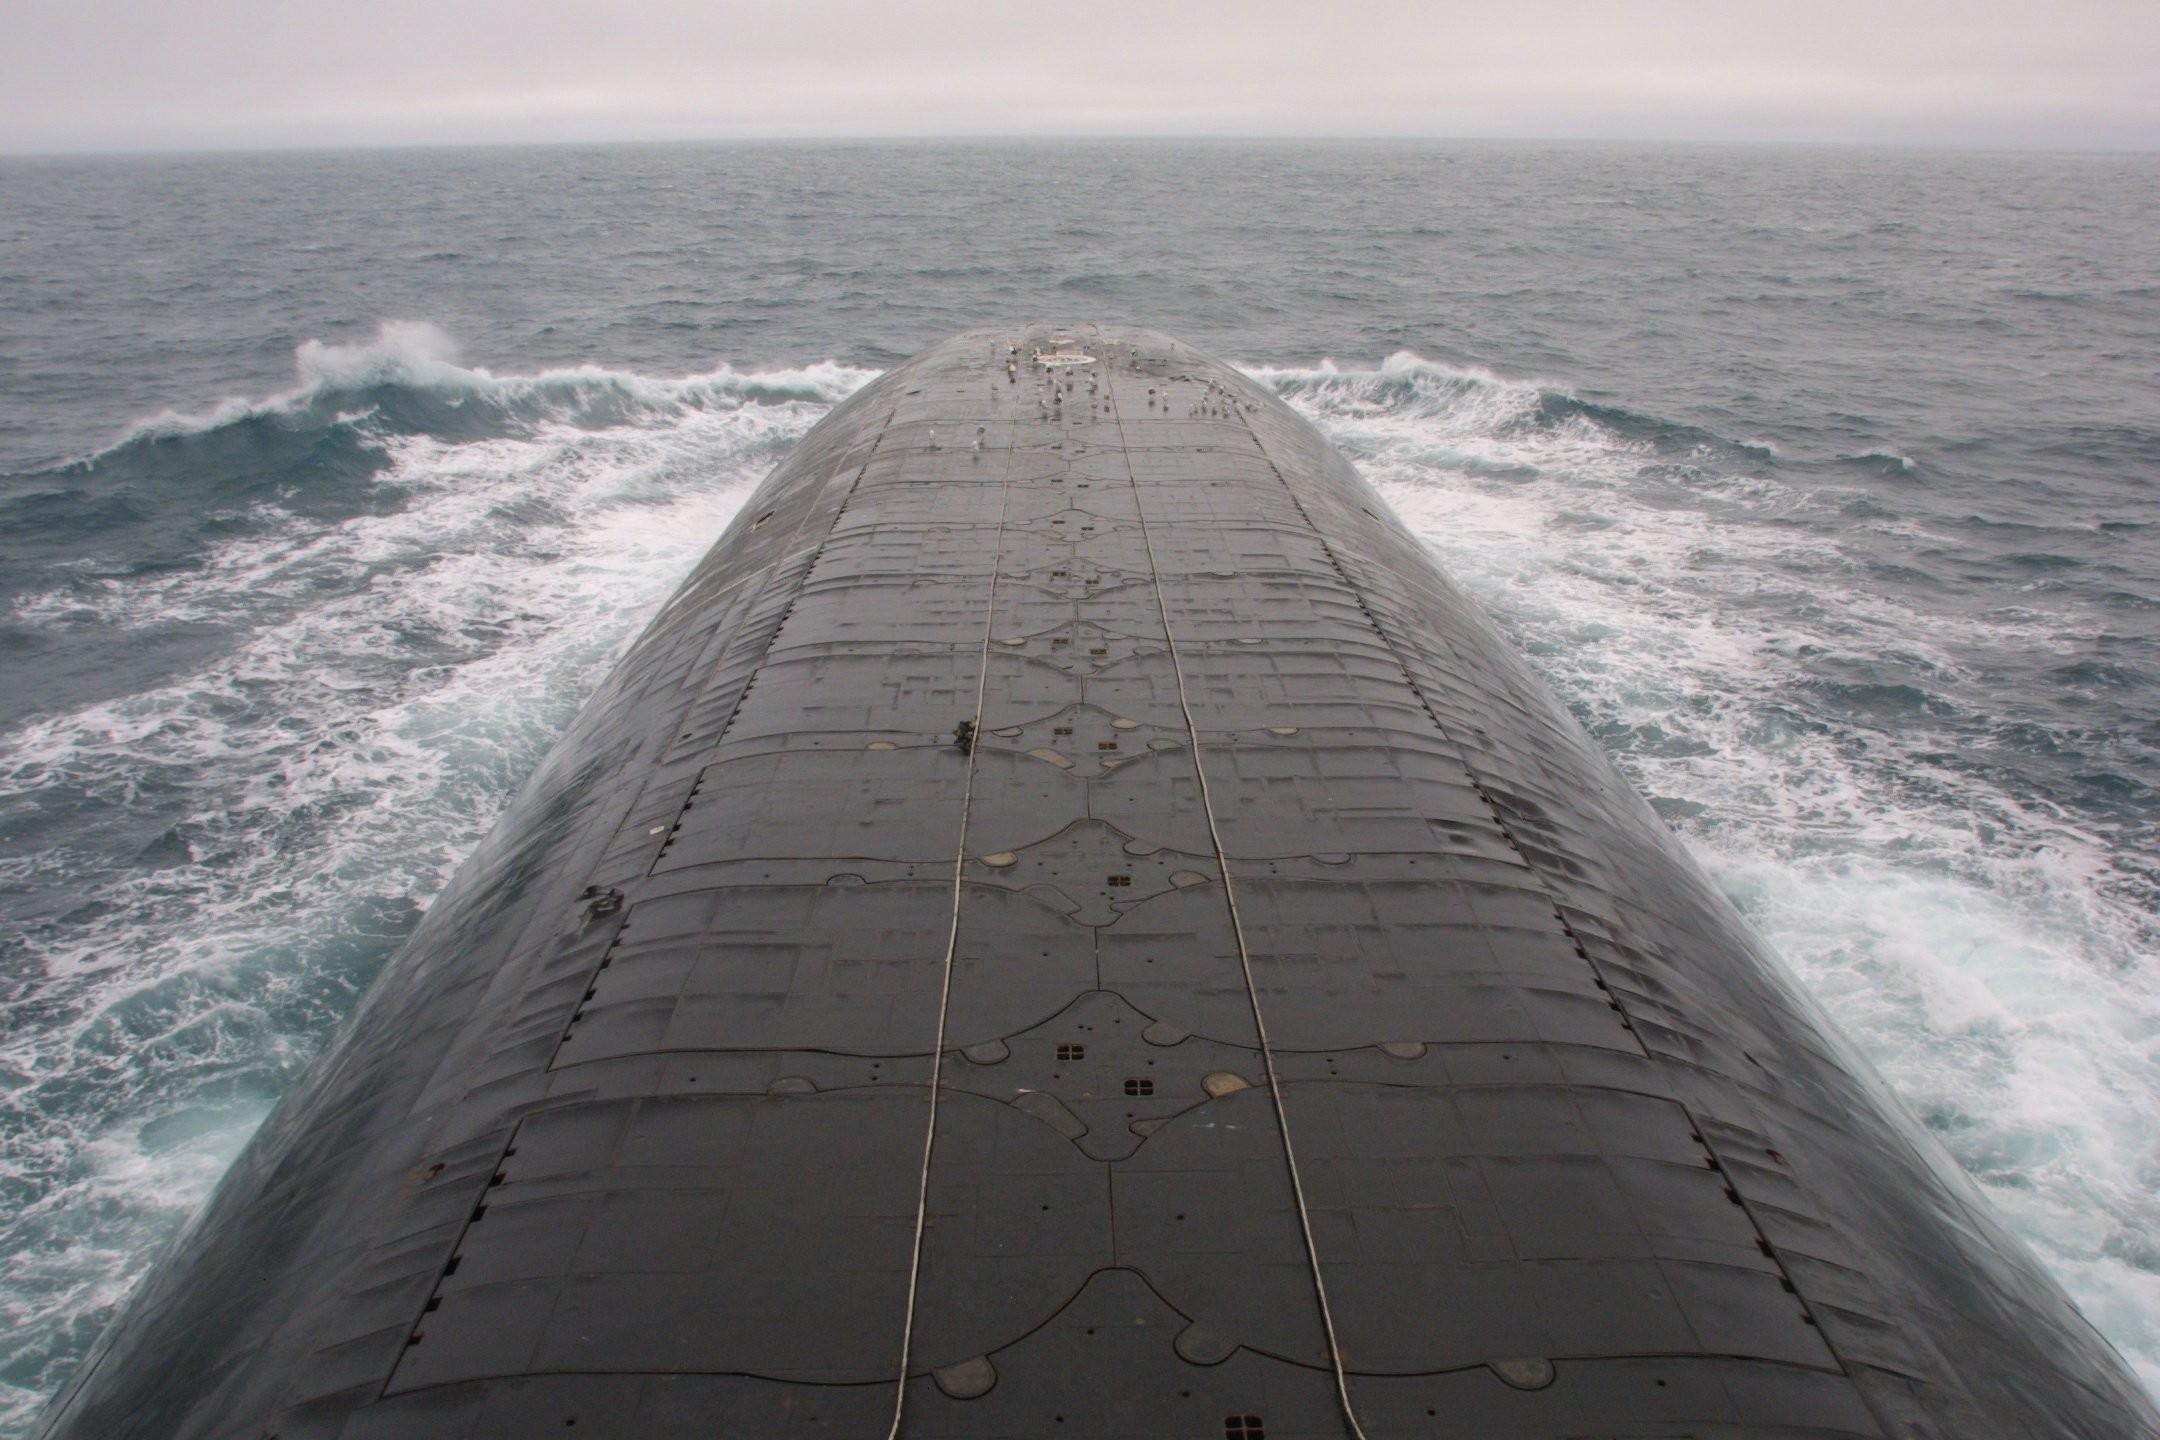 http://cdn.oboi7.com/9aae67627d8670b310f2c84dae8f76e5f4514b14/yadernyj-sovetskij-podvodnaya-lodka-tajfun-akuly.jpg